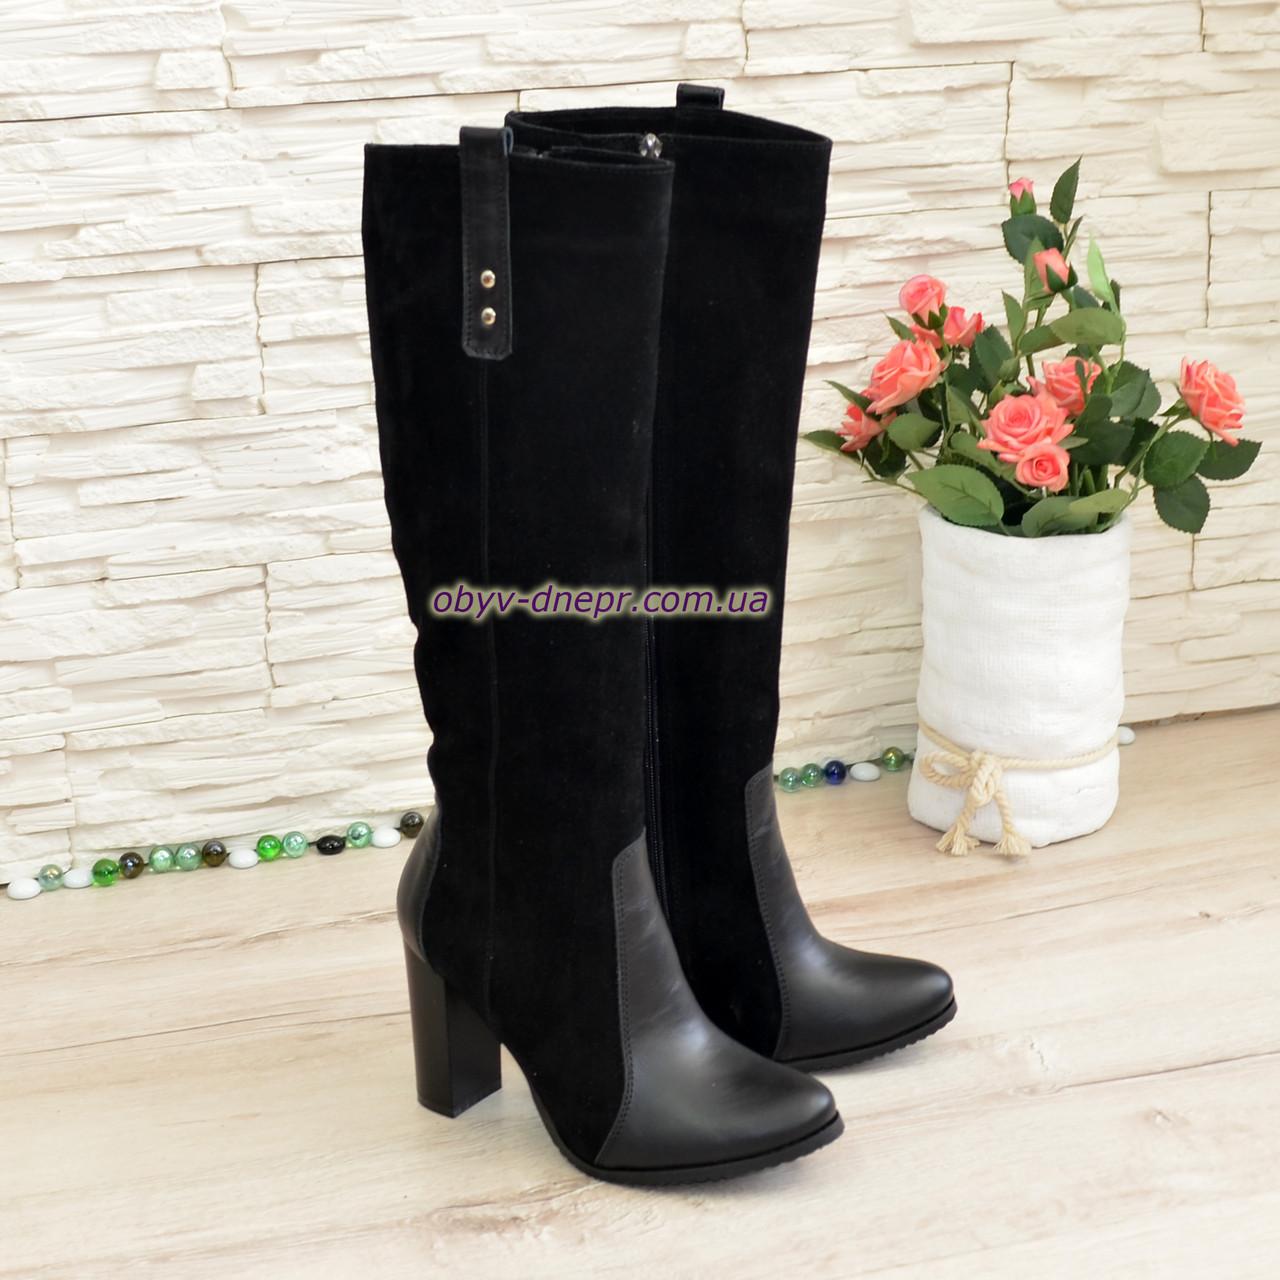 Женские сапоги на устойчивом каблуке, цвет черный